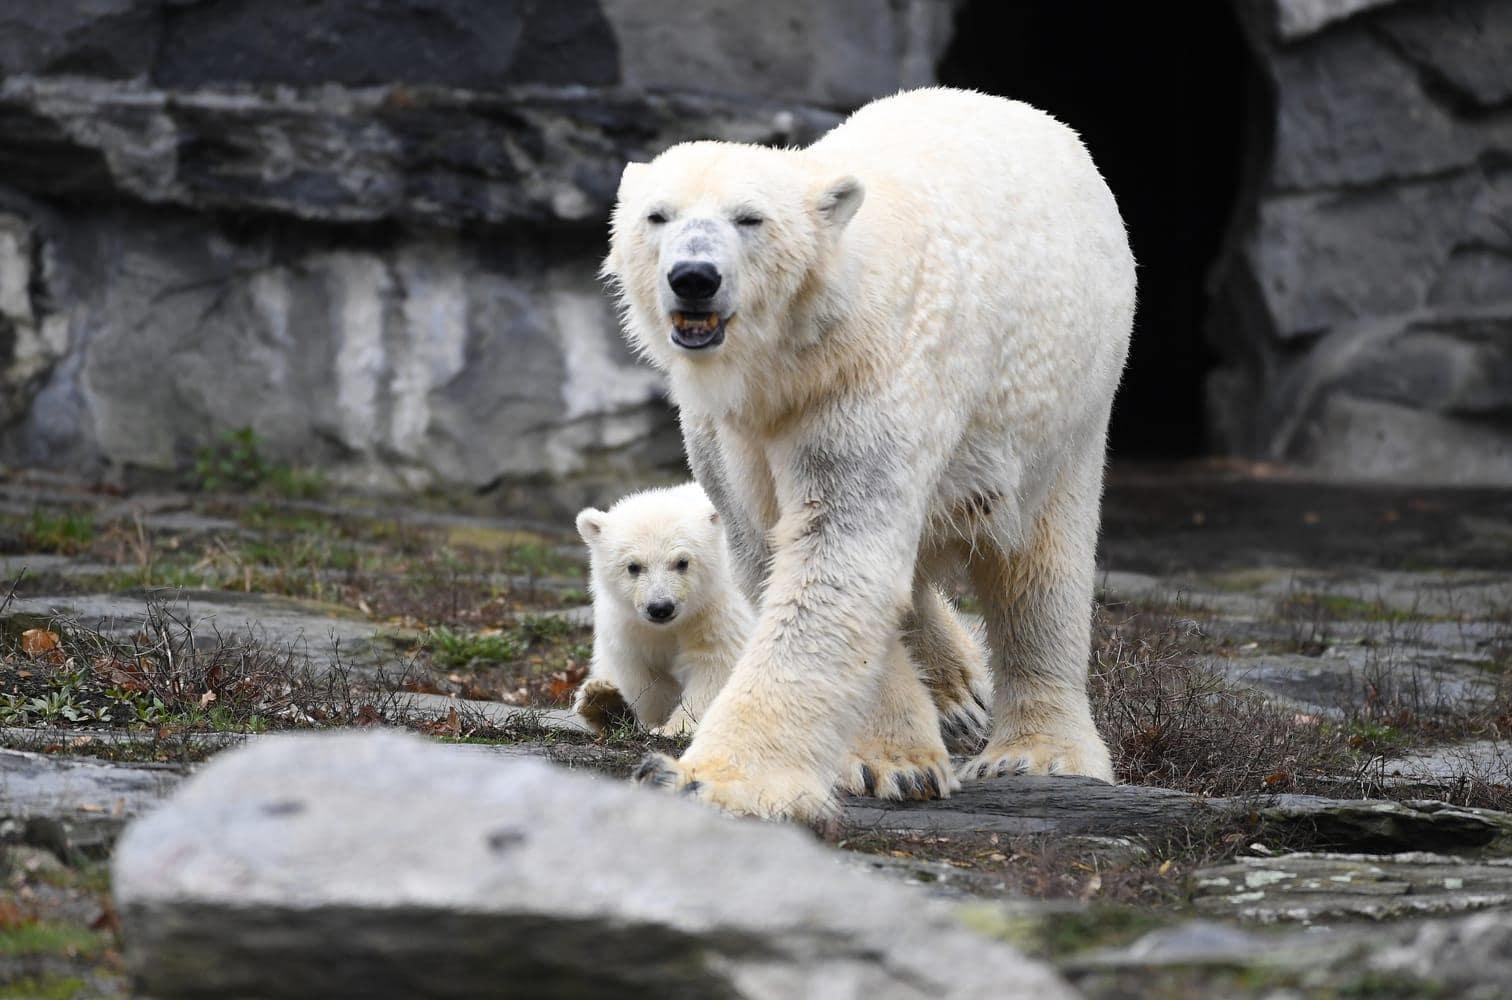 <p>Außerdem gingen Mutter und Baby zusammen schwimmen.</p> Foto: dpa/Britta Pedersen